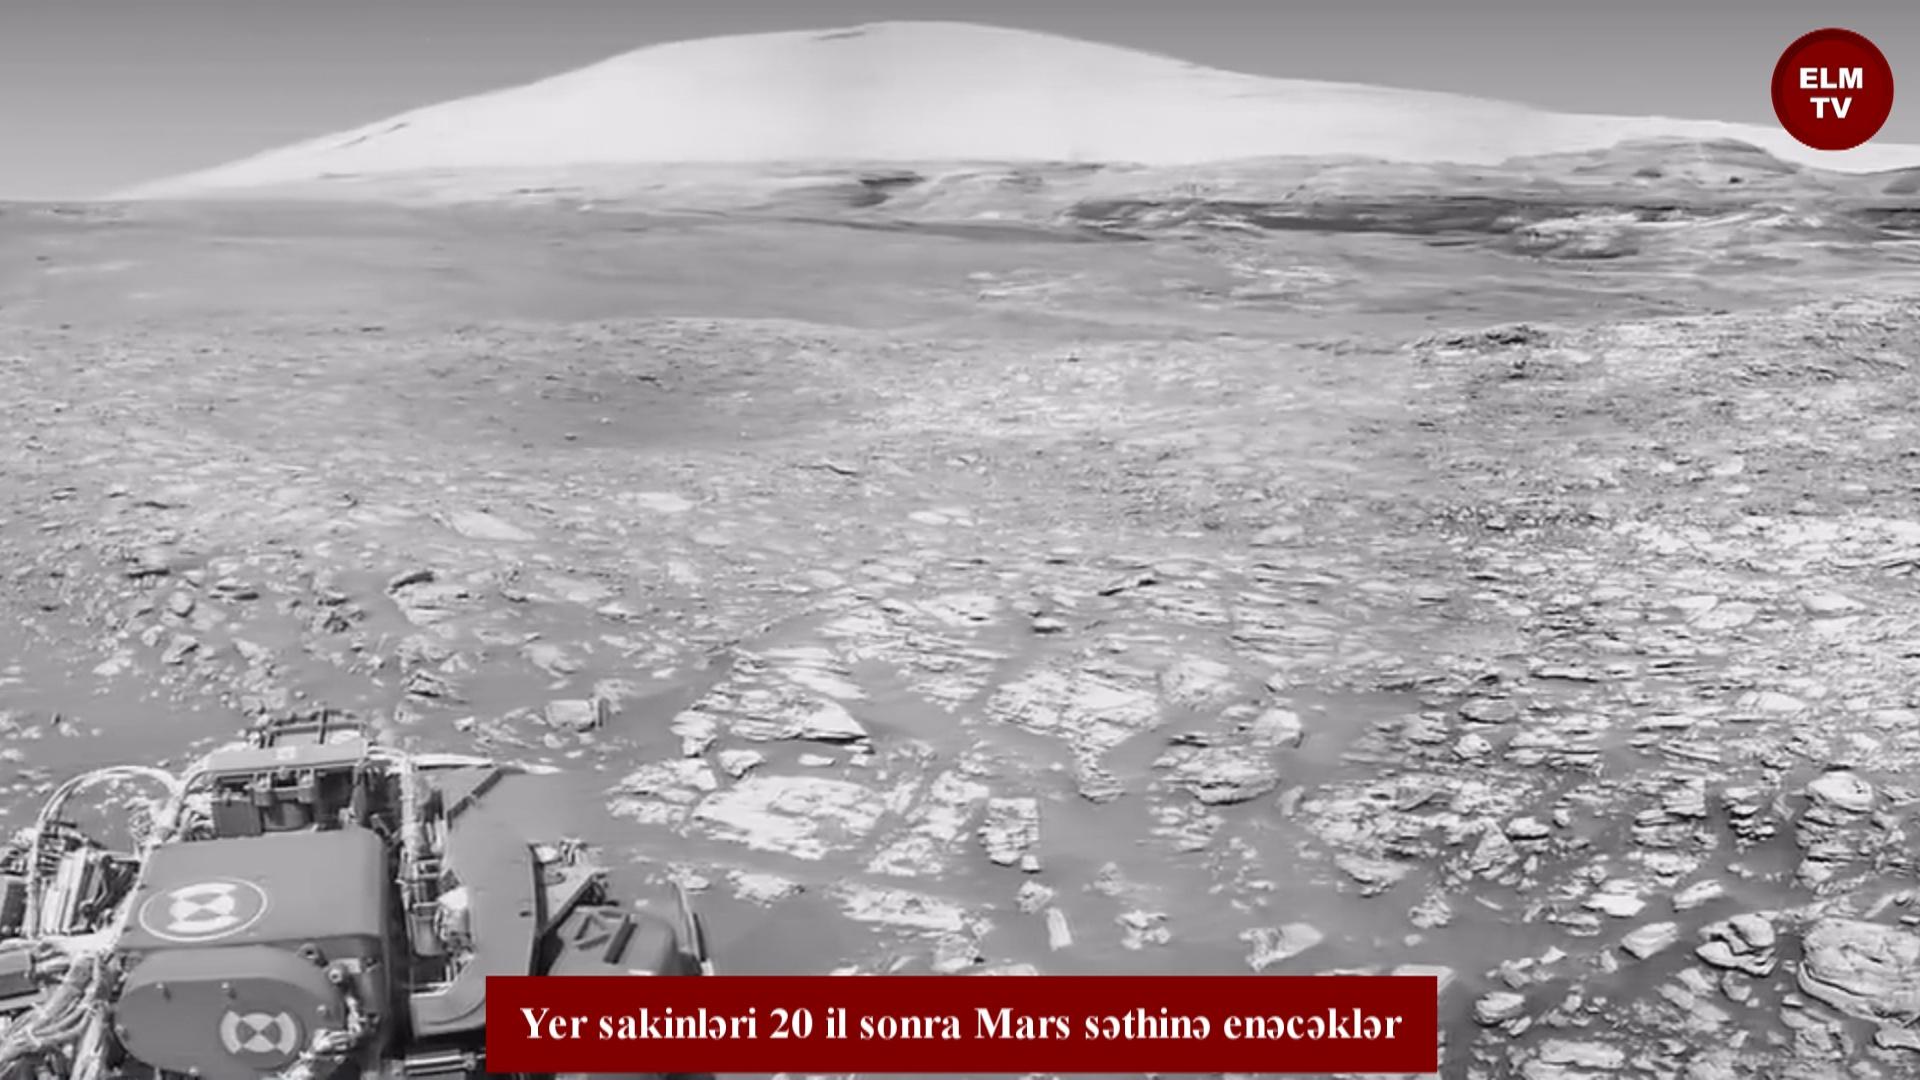 Yer sakinləri 20 il sonra Mars səthinə enəcəklər